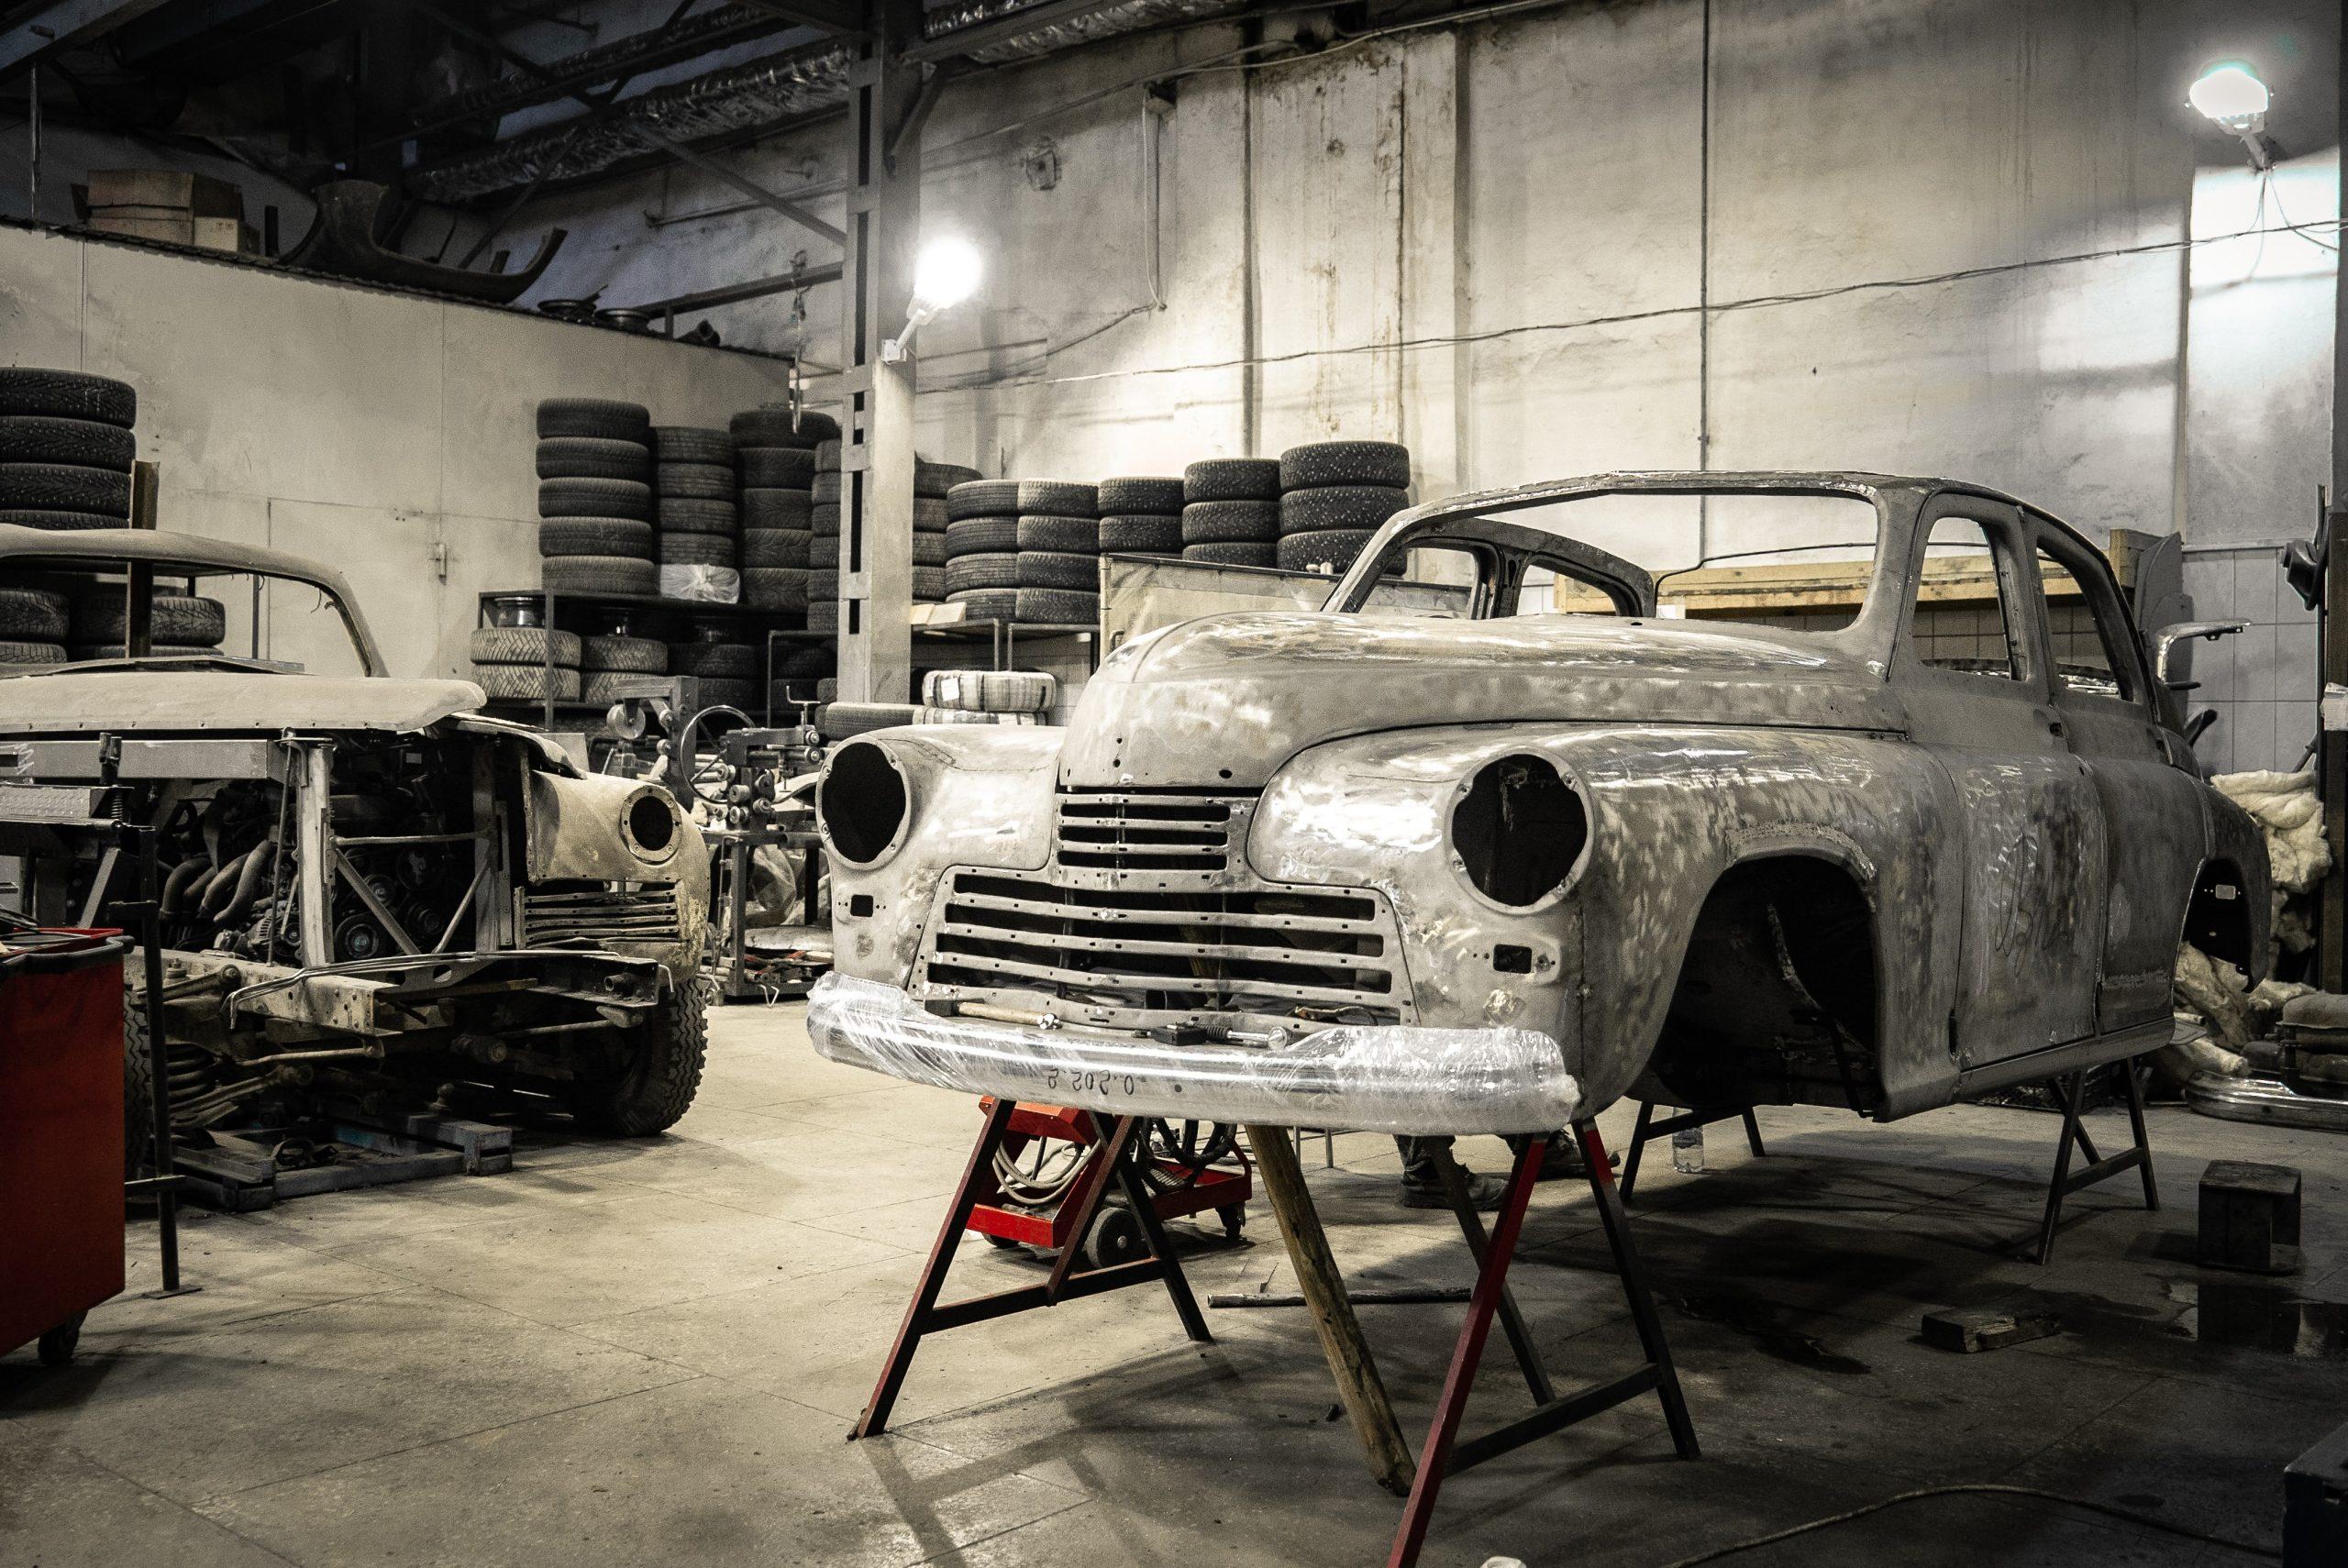 Pep din gamle bil op